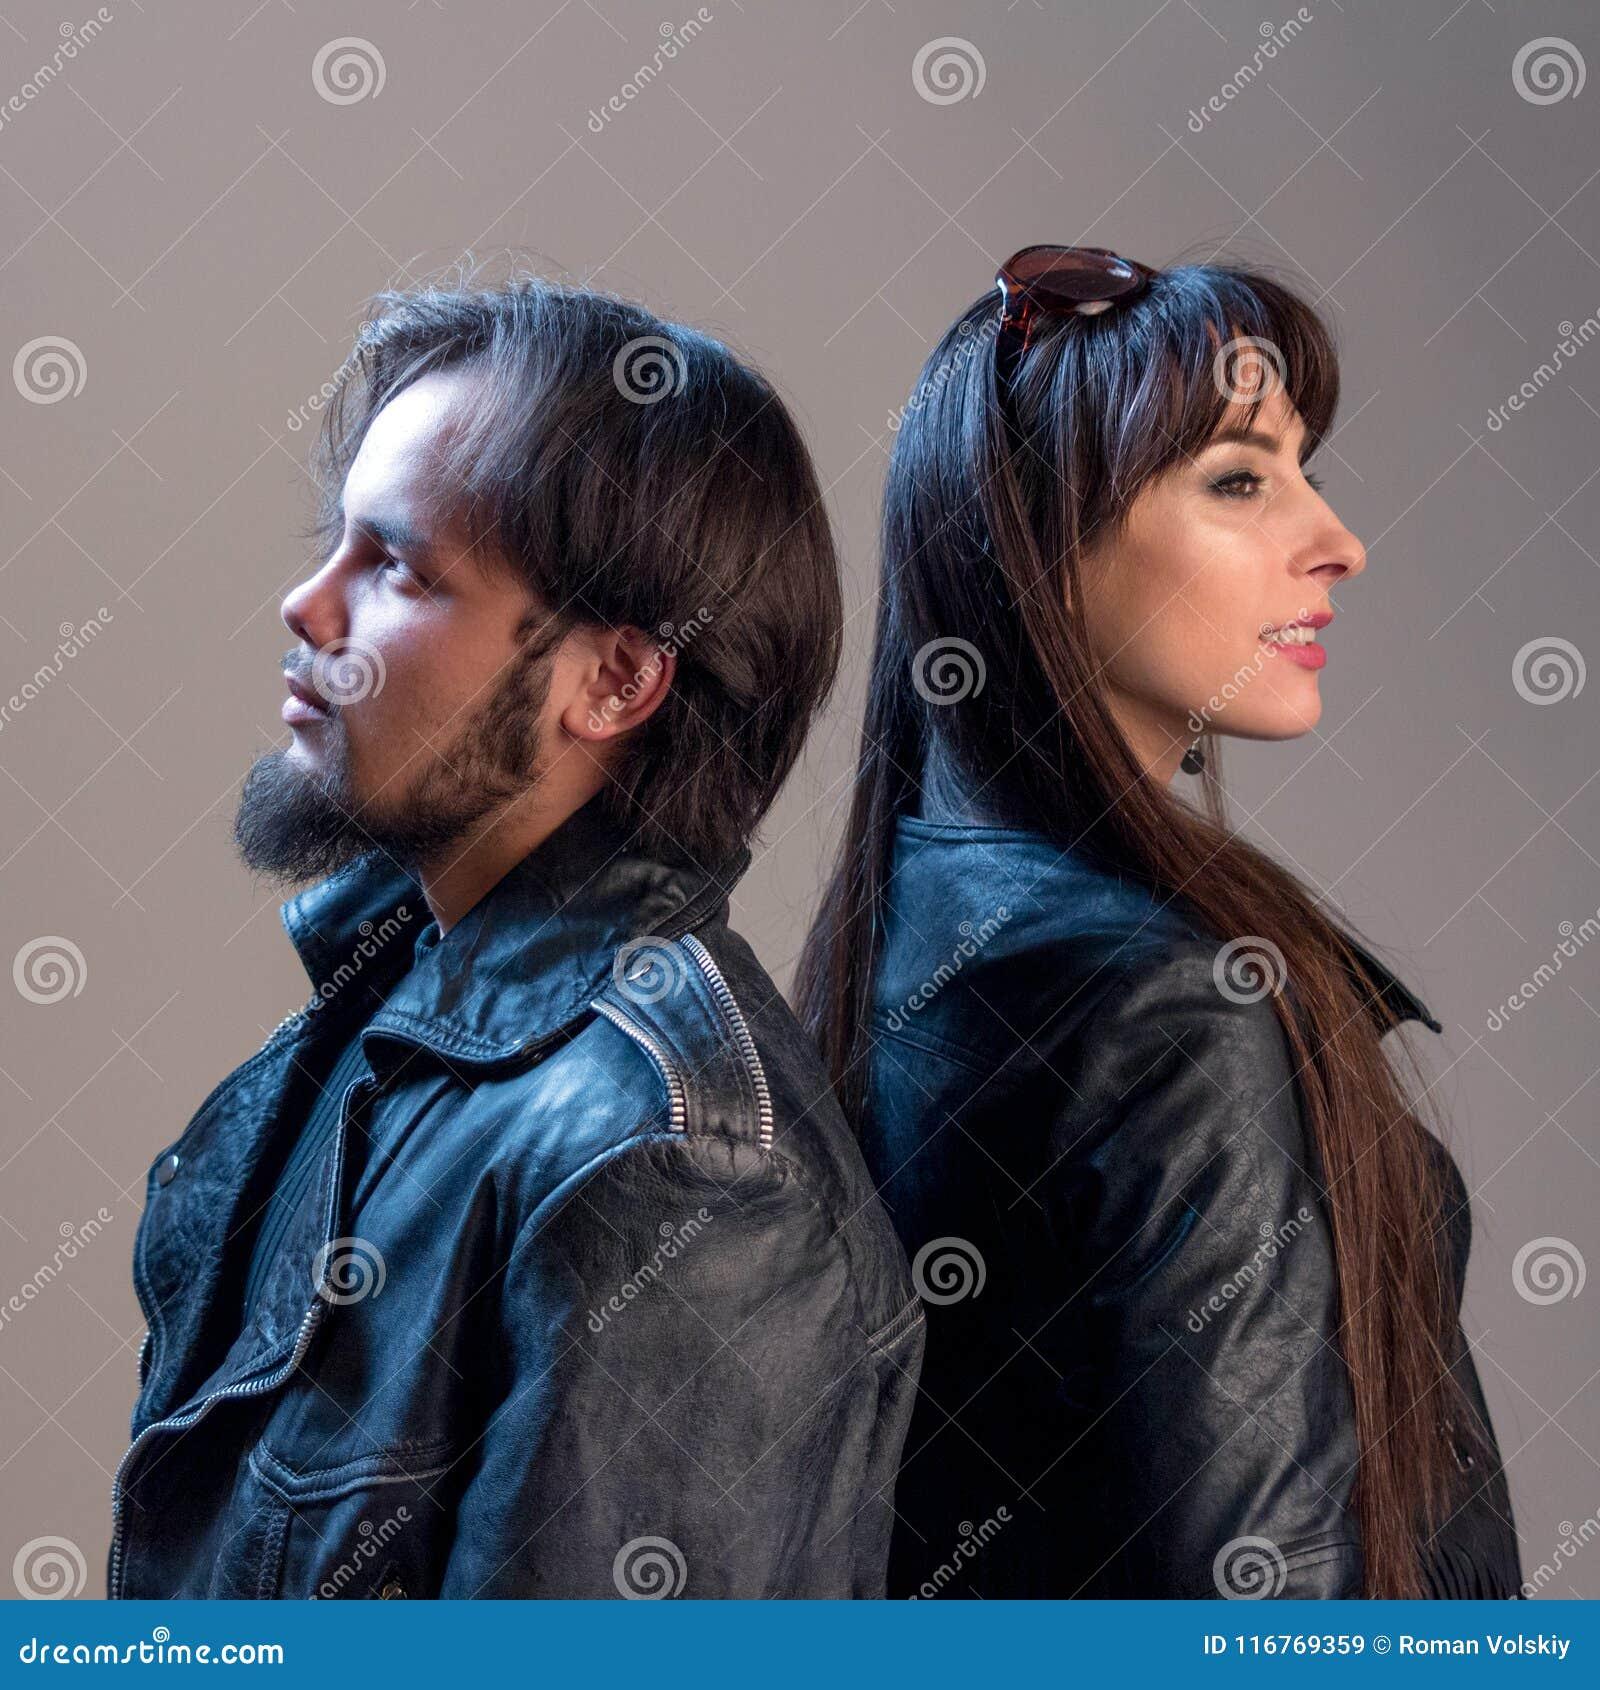 812237e6a4eb0c Individuo y muchacha elegantes en chaquetas de cuero negras Tema del  Musical o del motorista Ropa de la publicidad para los fan de rock Imagen  cuadrada